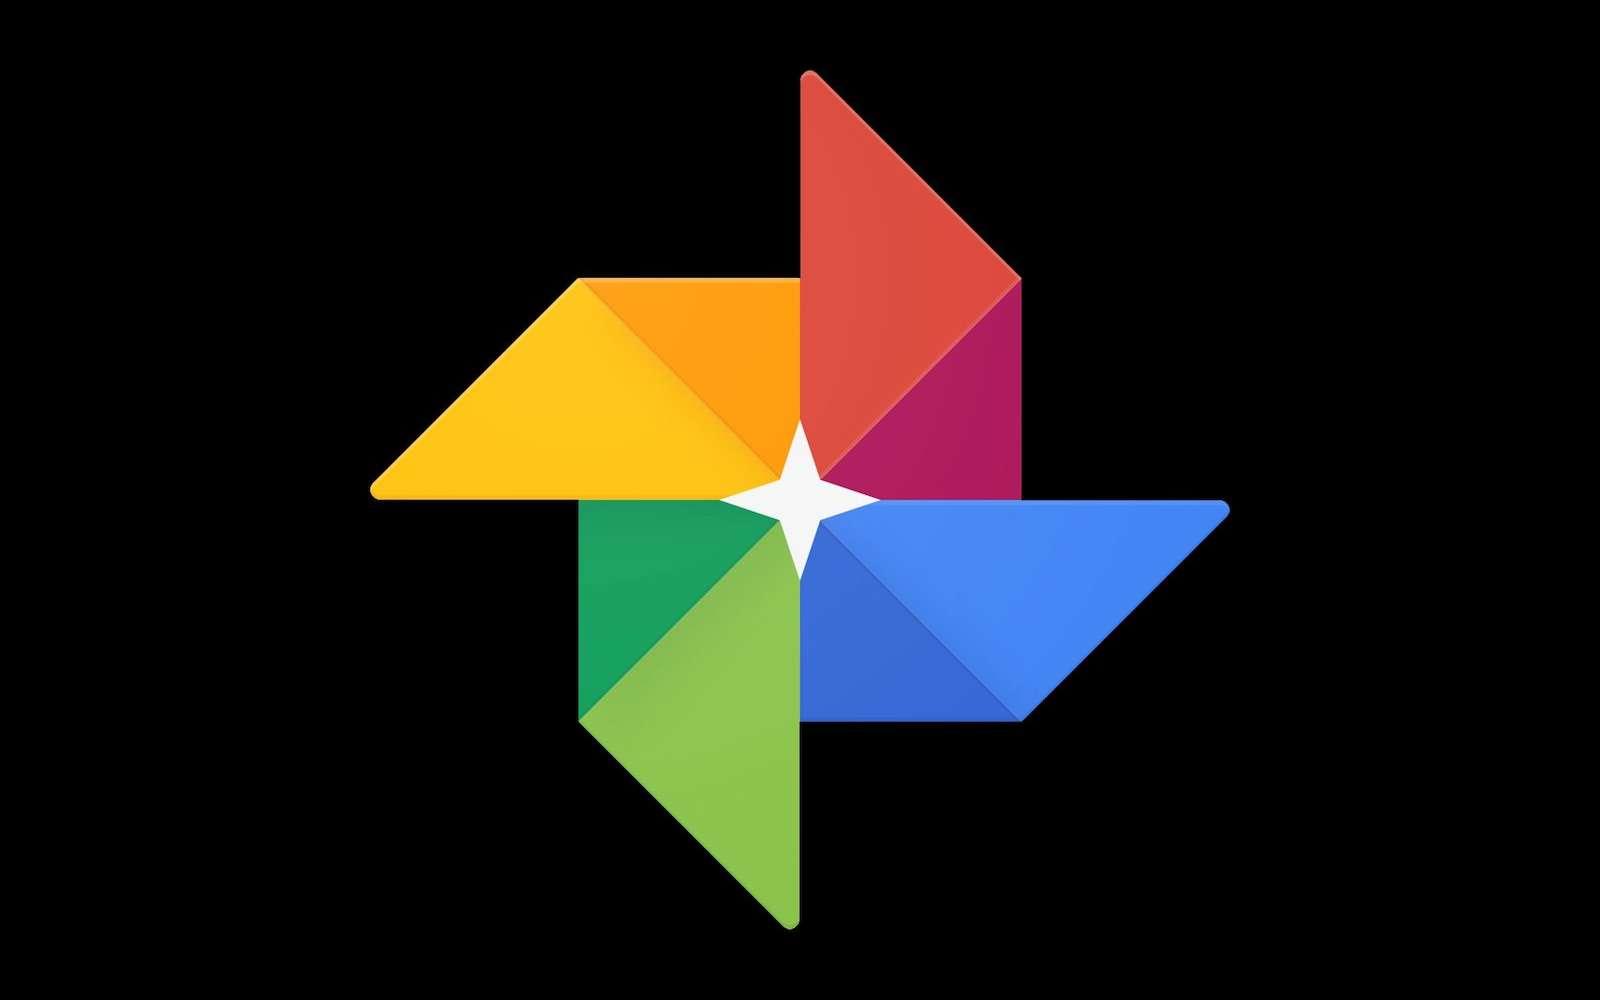 Les méta-données cachées dans des photos en disent beaucoup sur un utilisateur. © Google